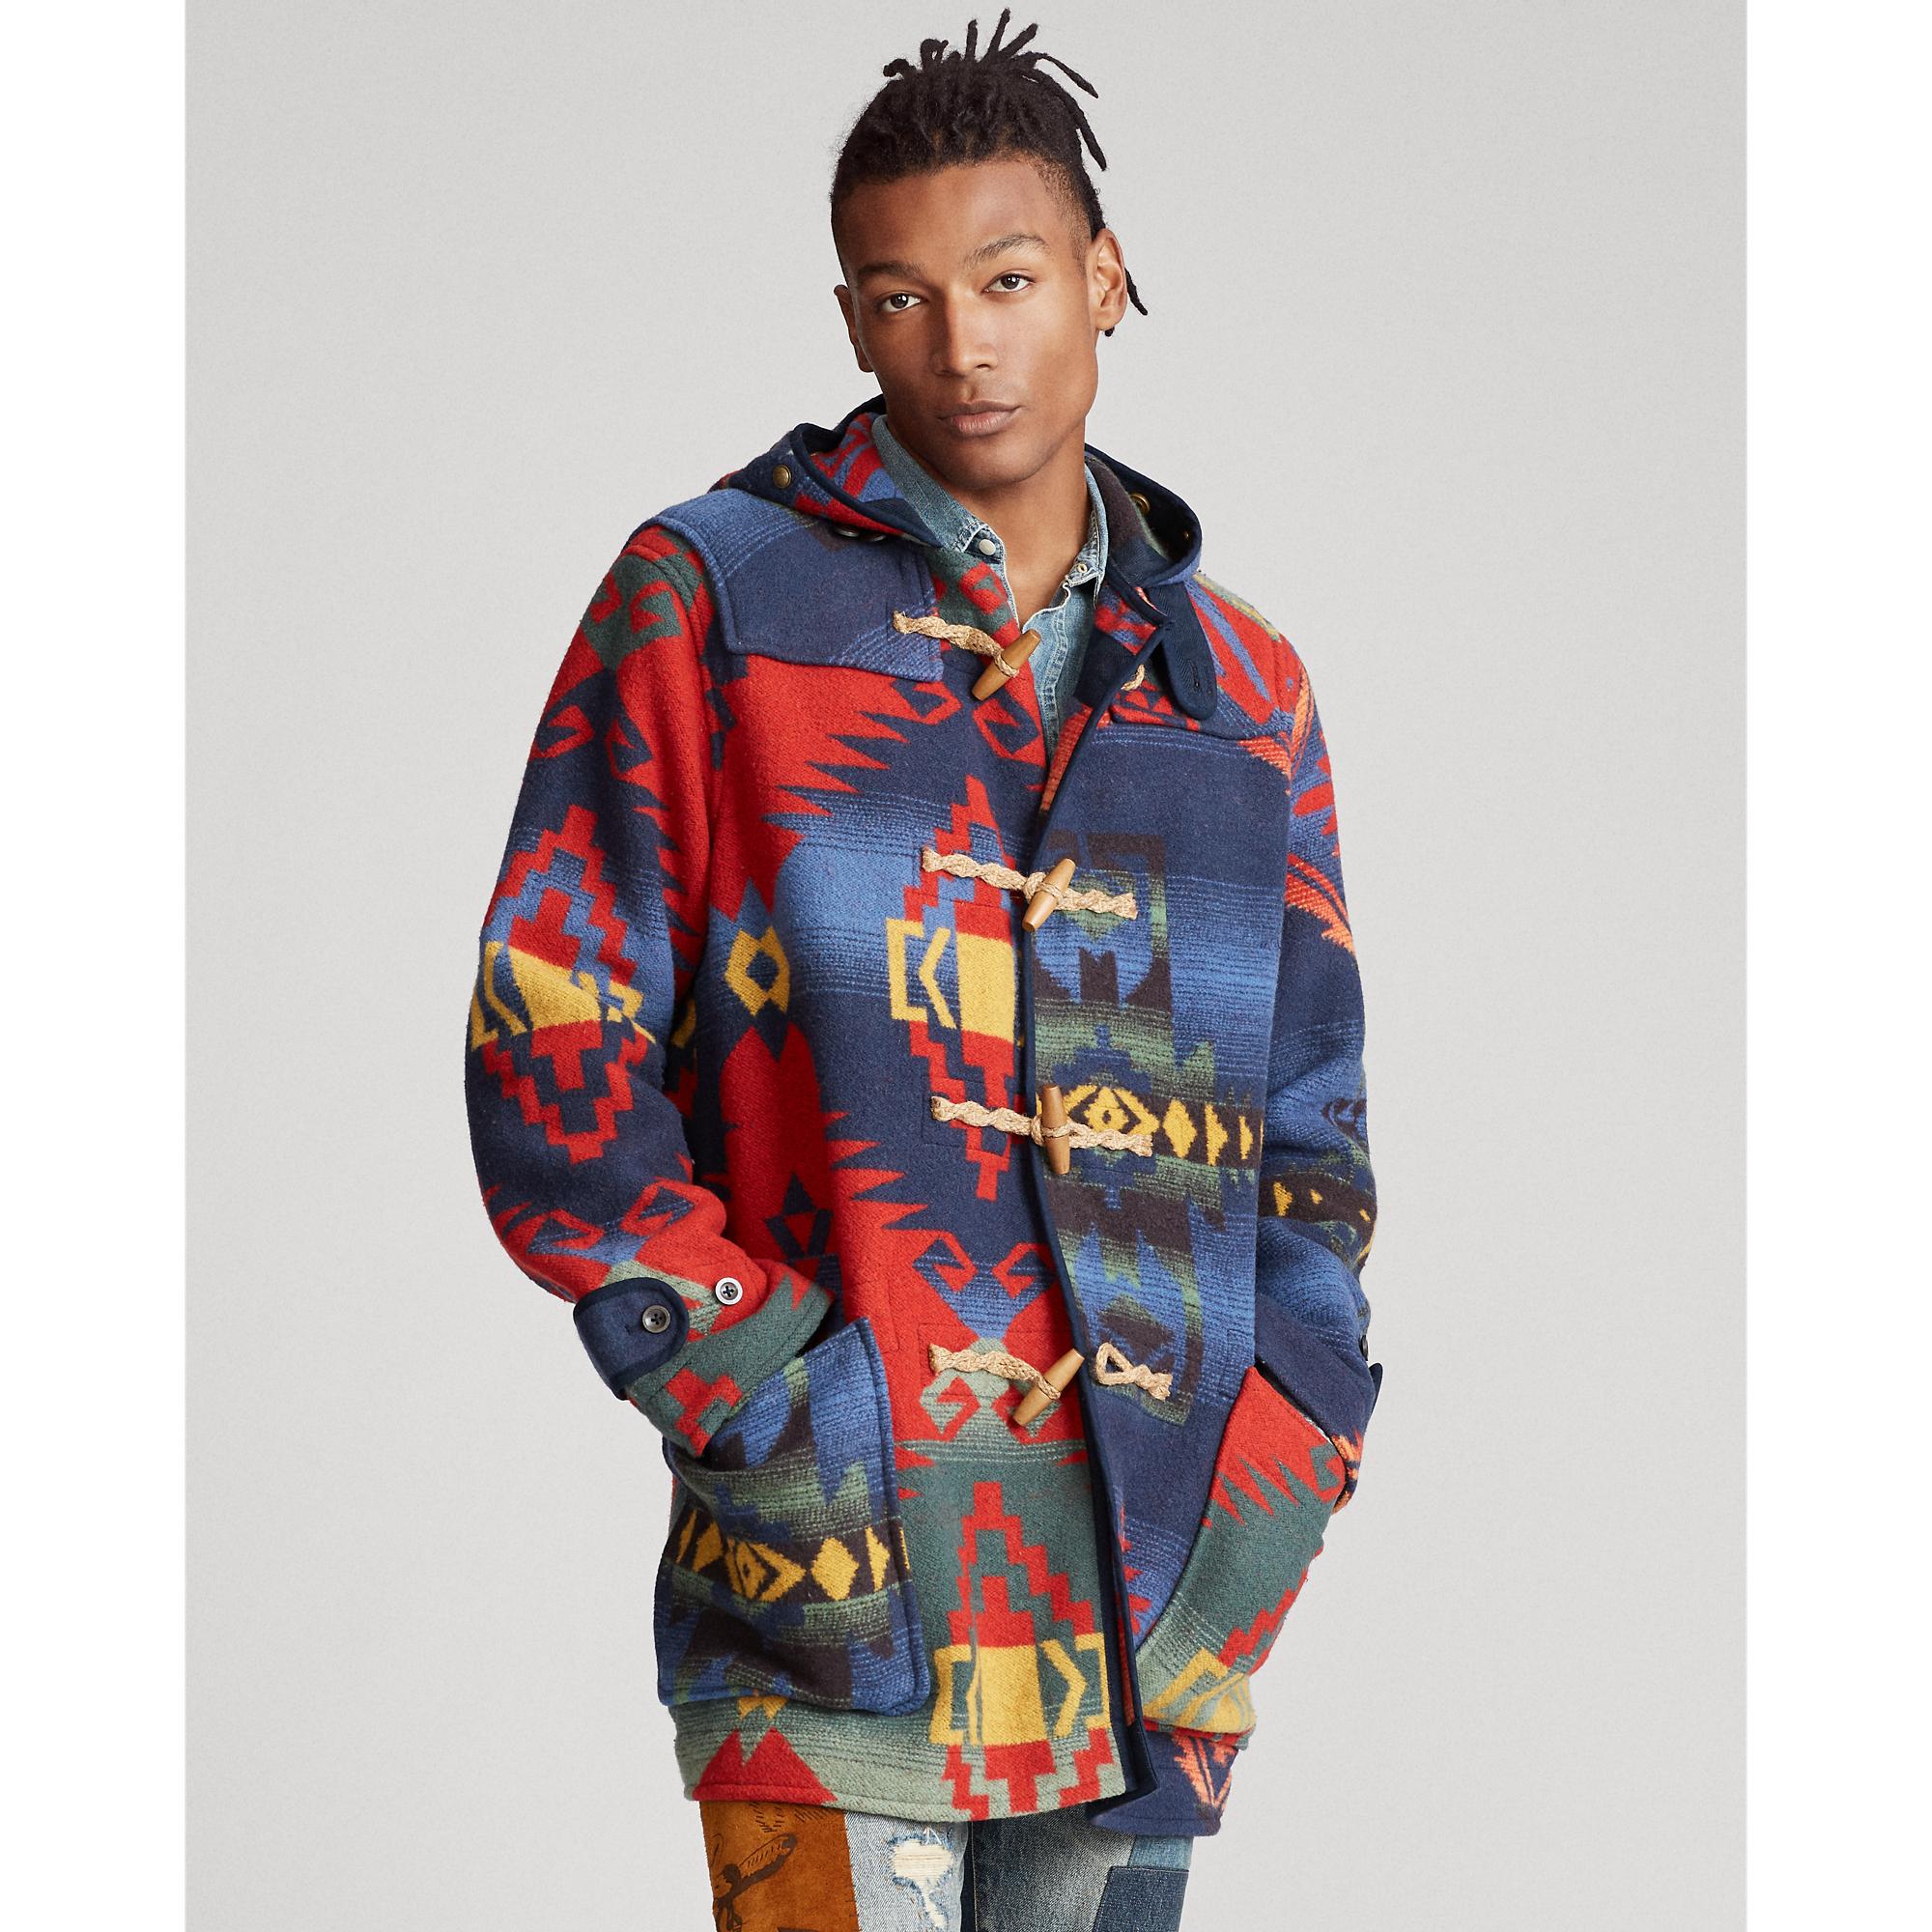 Ralph Lauren Southwestern Toggle Coat!! £874.50 instead of £1,749.00 plus cashback @ Ralph Lauren Shop